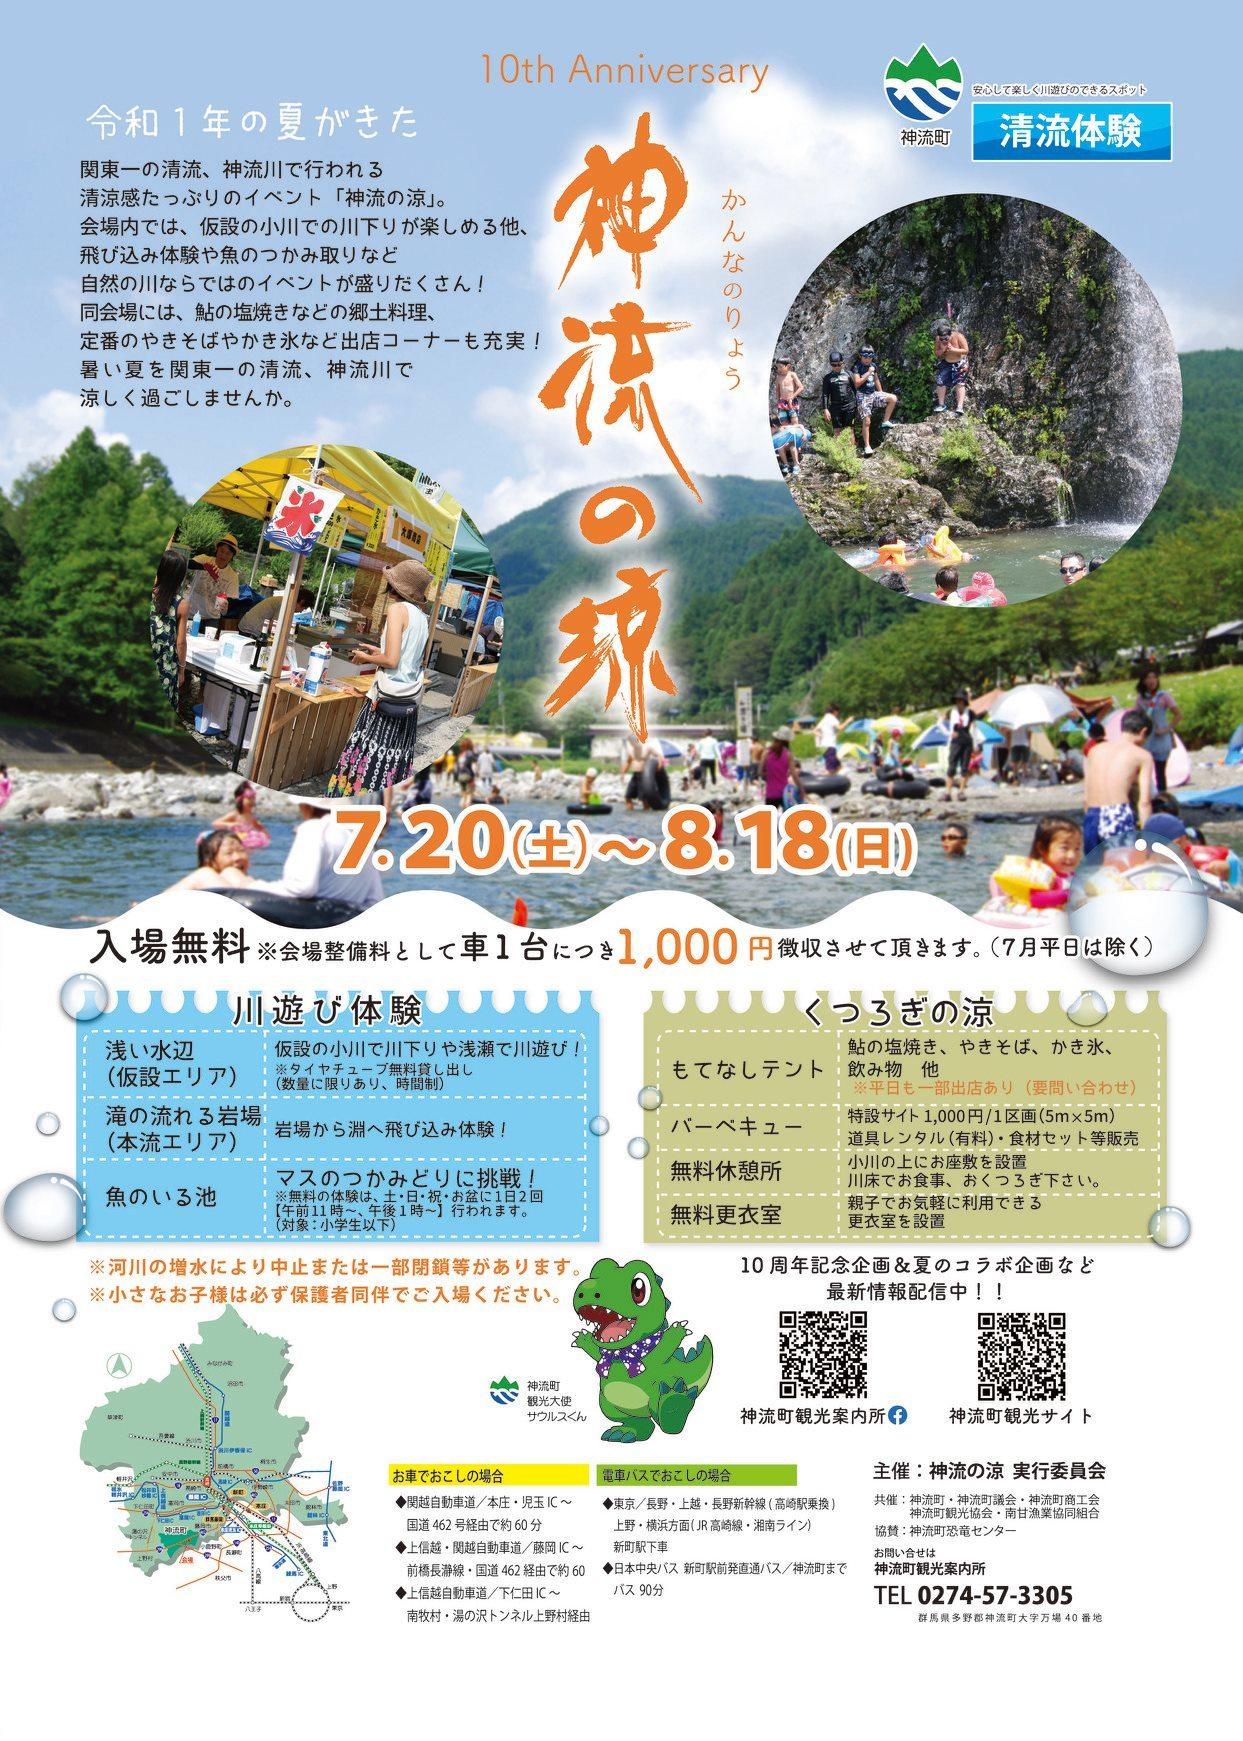 夏の軽トラcafe yotacco出店情報_b0209774_06152391.jpg